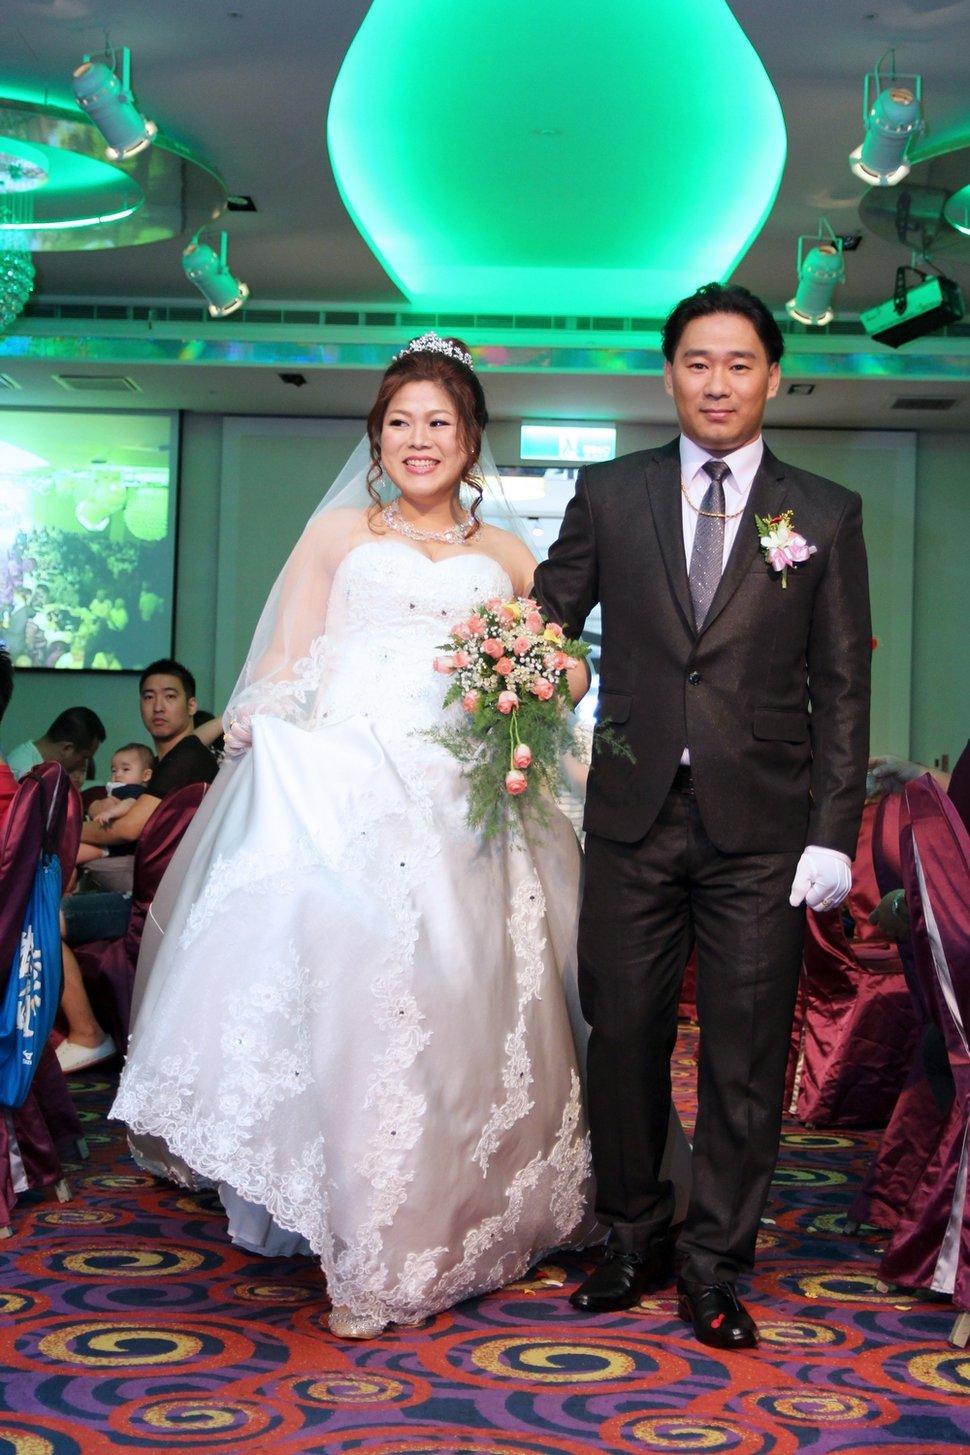 芳胤❤️雅雲(儀式+午宴)(內湖臻愛會館)(編號:431284) - 瑞比特婚禮紀錄攝影 - 結婚吧